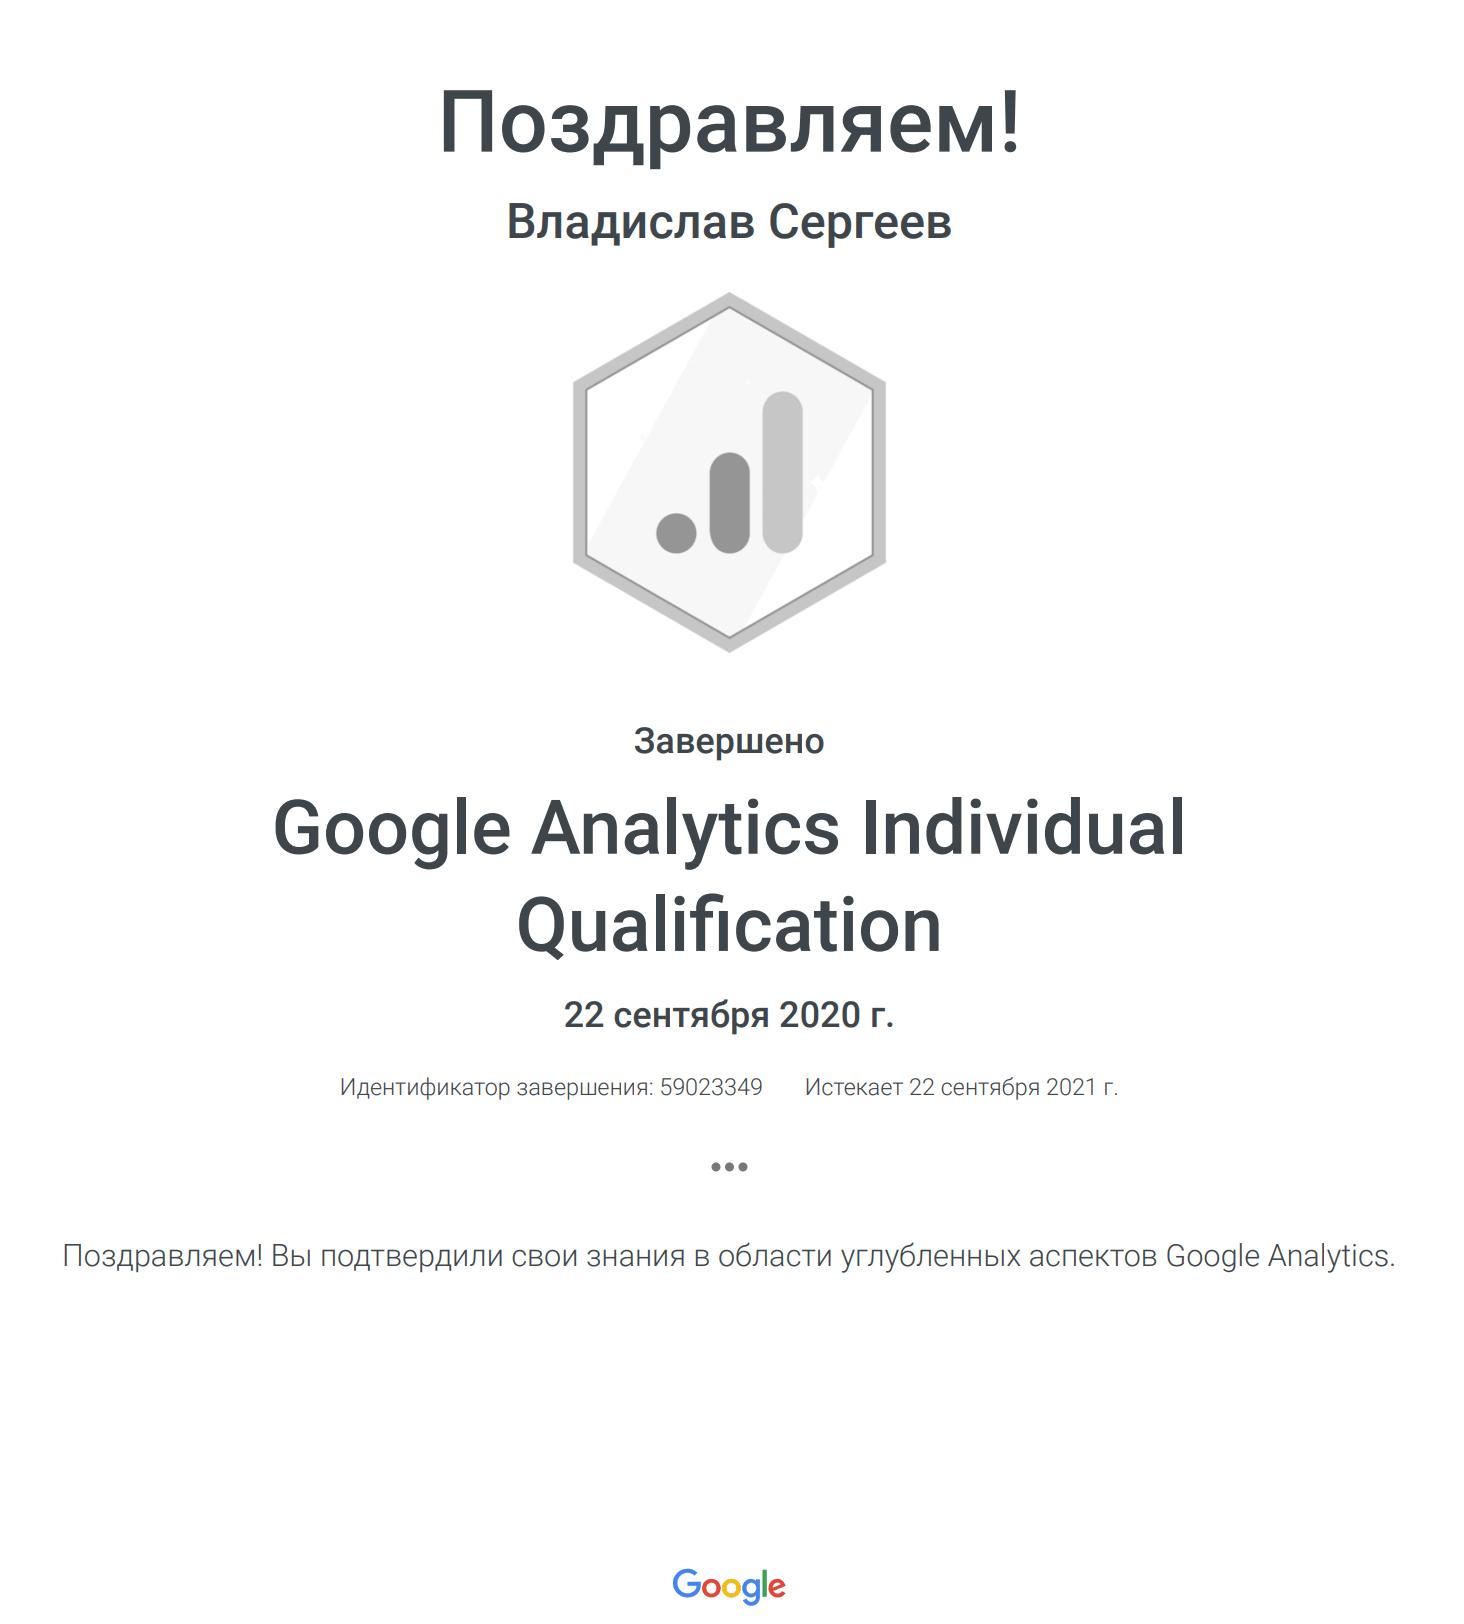 Сертификат Google Analytics - Владислав Сергеев